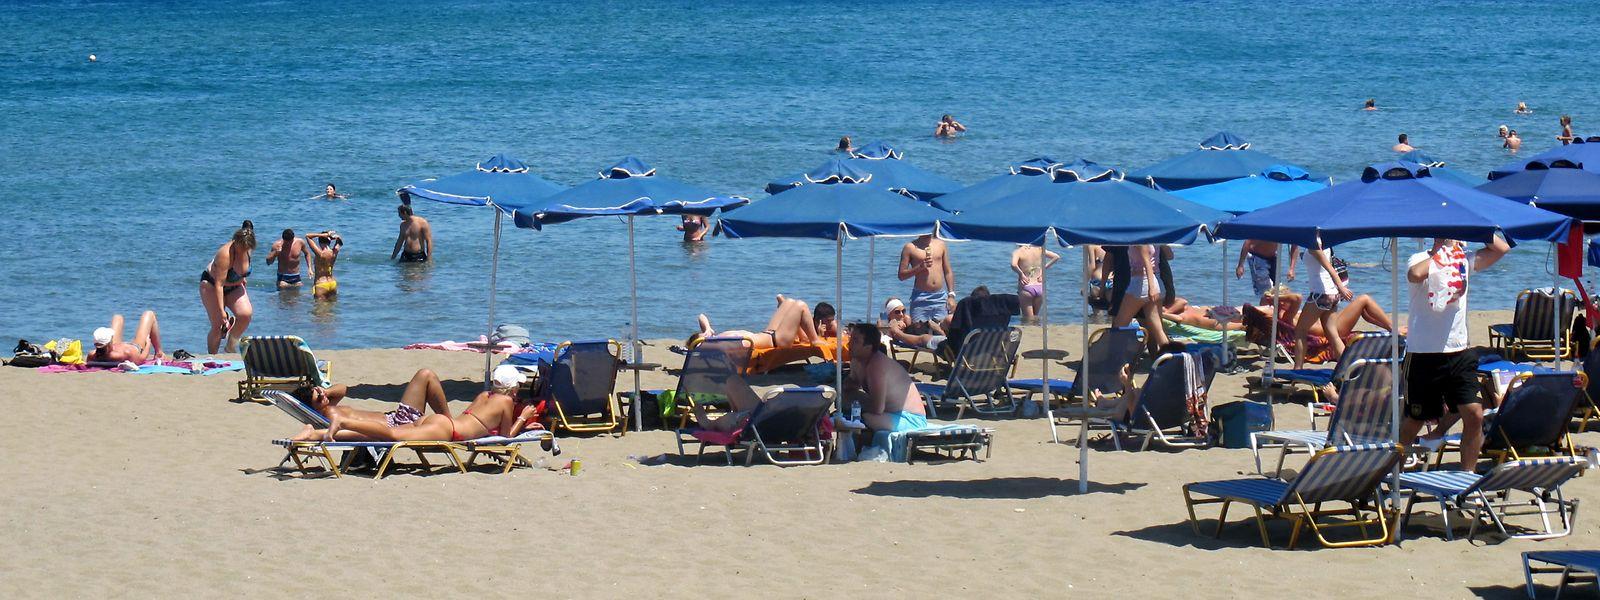 Im Urlaub nur amHotel-Strand liegen - wie hier auf Rhodos - das ist genau das, was viele Millennials nicht wollen.